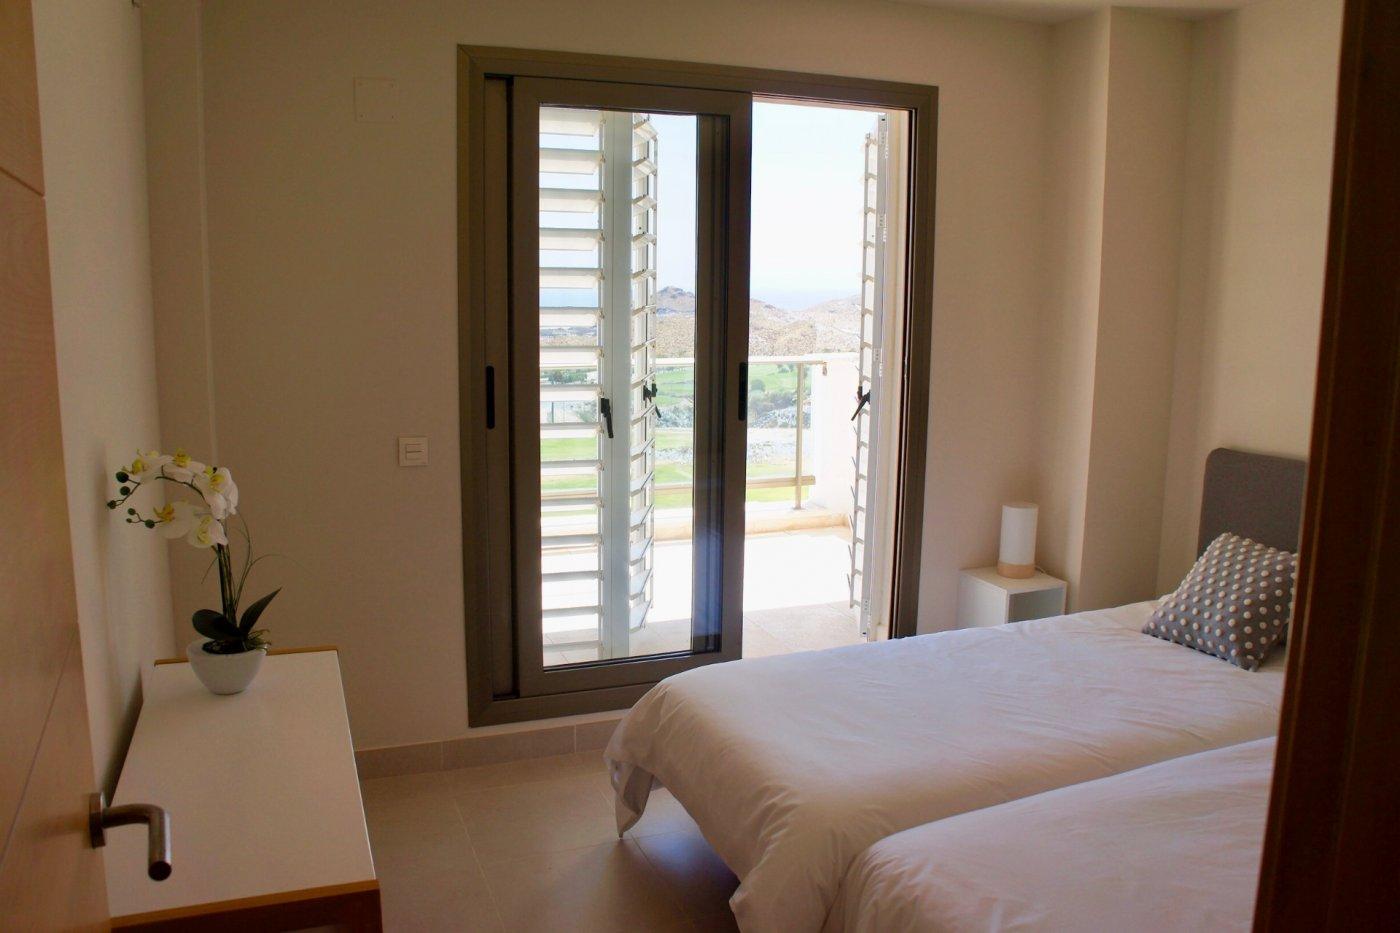 Imagen de la galería 6 of Gran apartamento orientado al sur de 3 dormitorios y 2 baños con preciosas vistas y 75 m2 de teraza